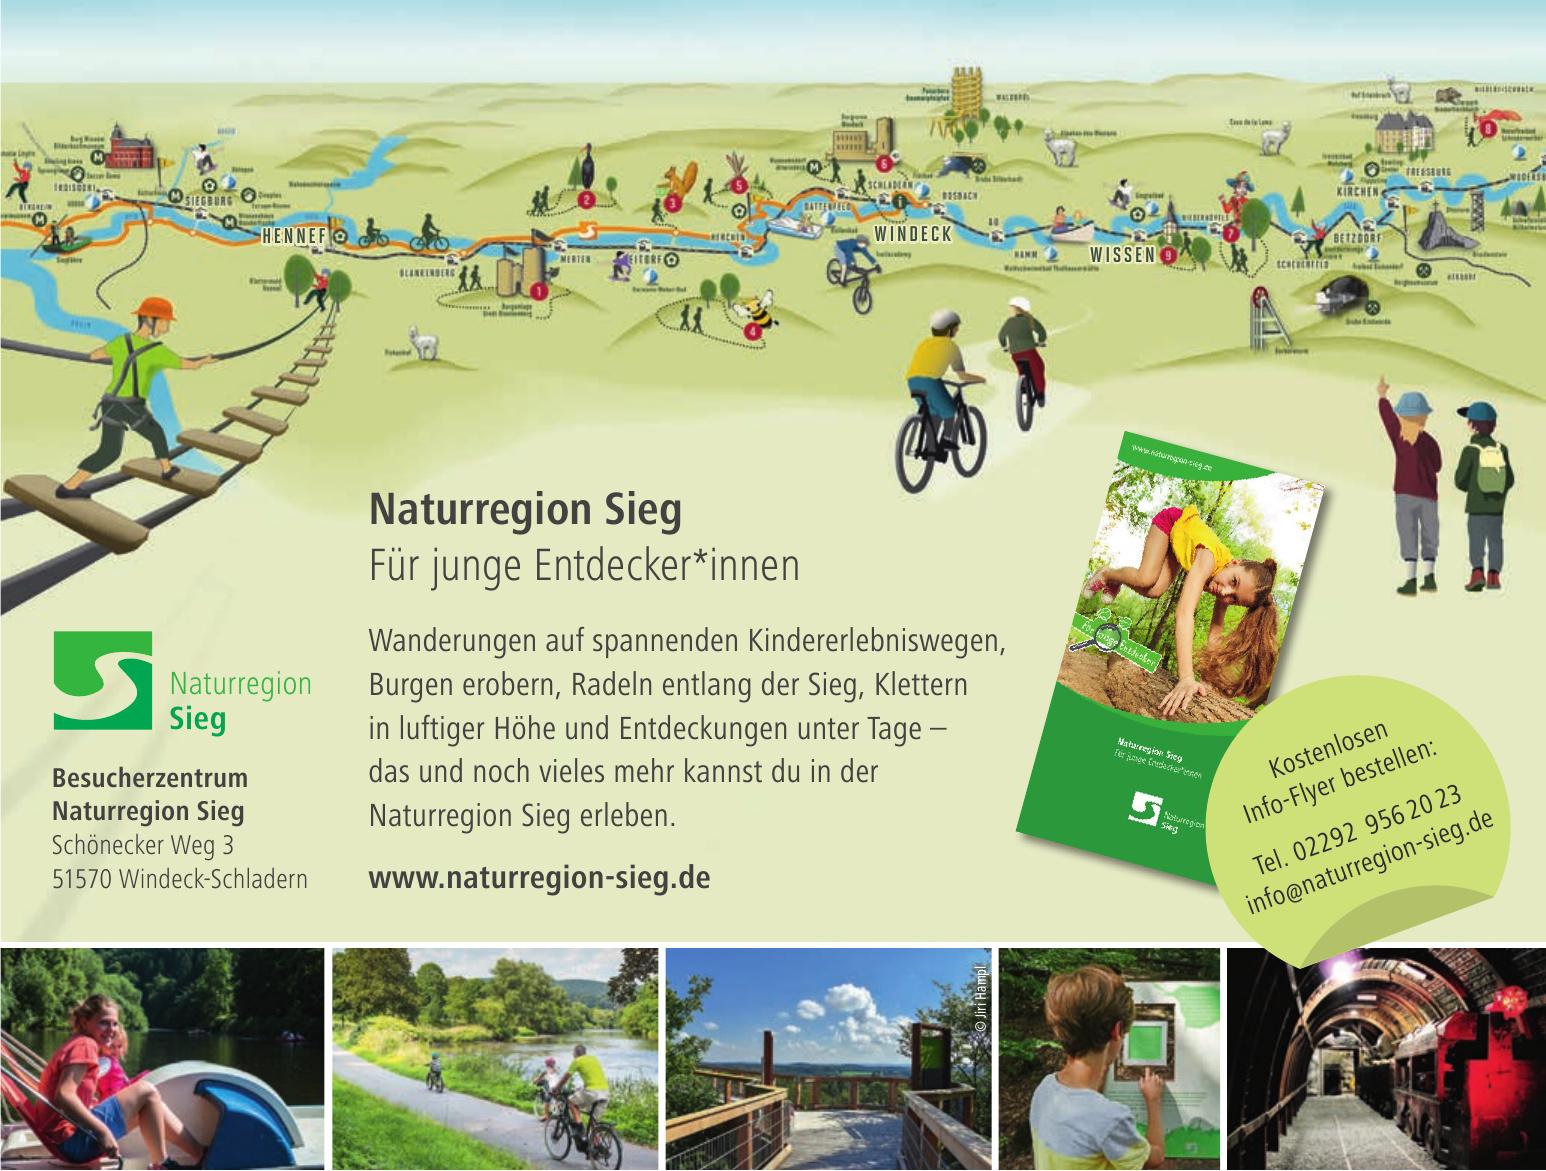 Besucherzentrum Naturregion Sieg